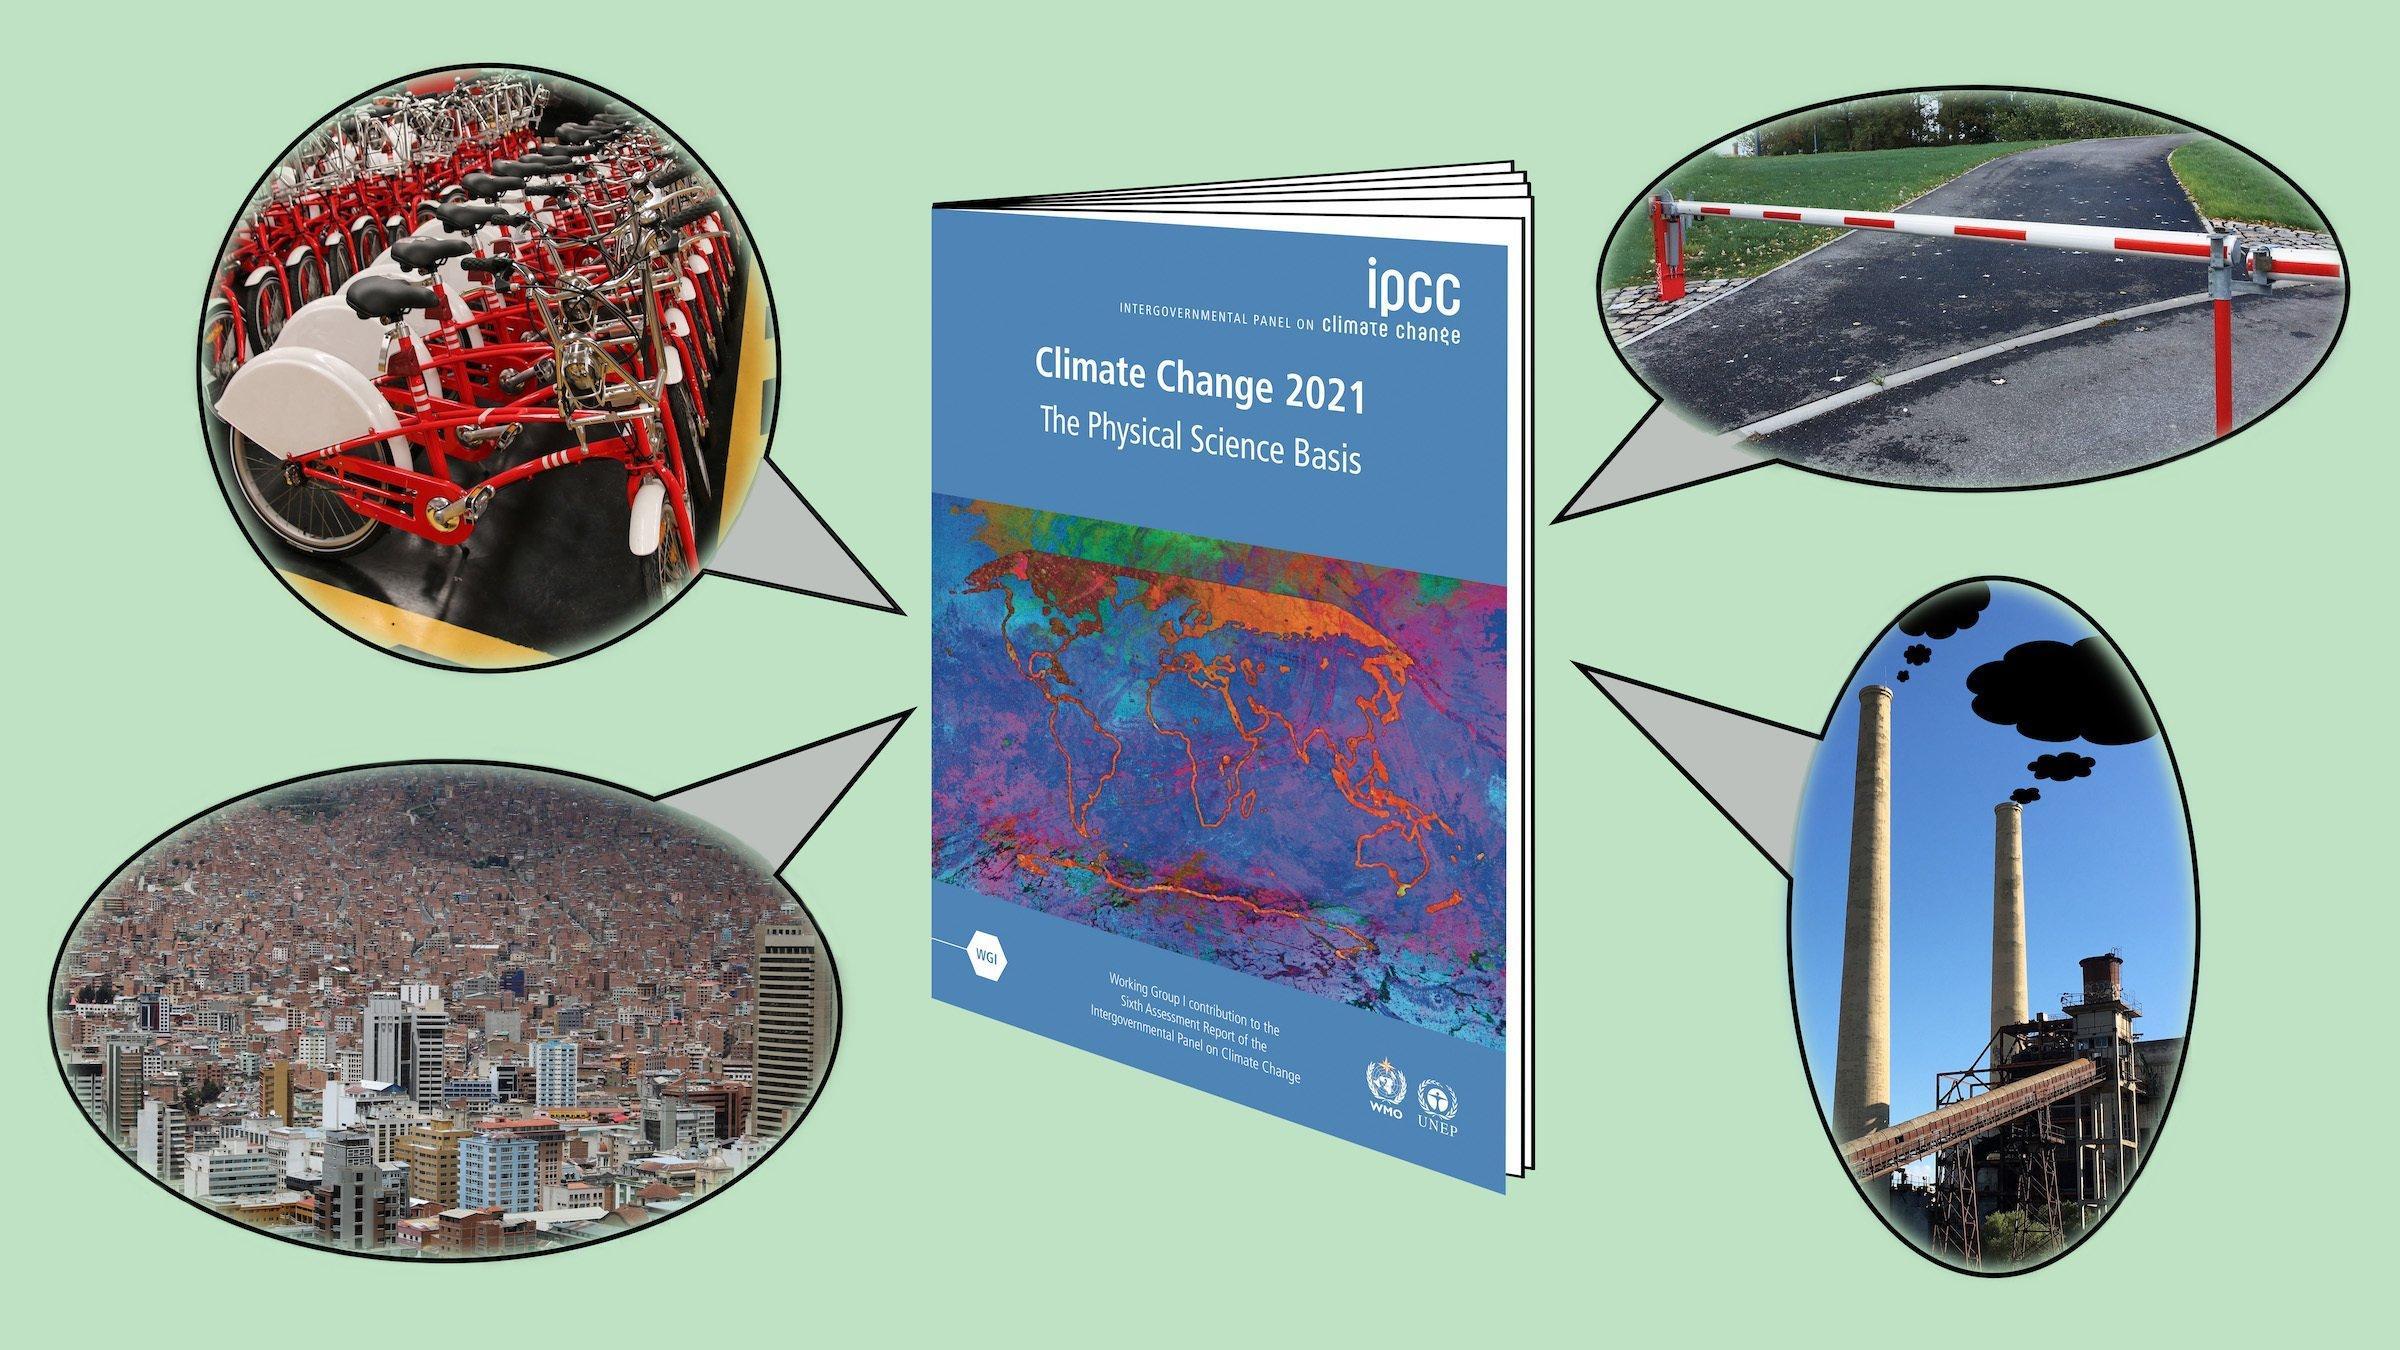 Das Bild ist eine Collage. In der Mitte steht der IPCC-Bericht wie ein Buch aufgestellt. Darum sind wie Sprechblasen Bilder aus verschiedenen Versionen der möglichen Zukunft angeordnet: eine dichtbewohnte Großstadt mit Hochhäusern für die Wohlhabenden und Hütten für die Armen; Leihfahrräder im Depot; ein altes Kohlekraftwerk, aus dessen Schornsteinen  pechschwarze Wolken dringen; und eine geschlossene Schranke.